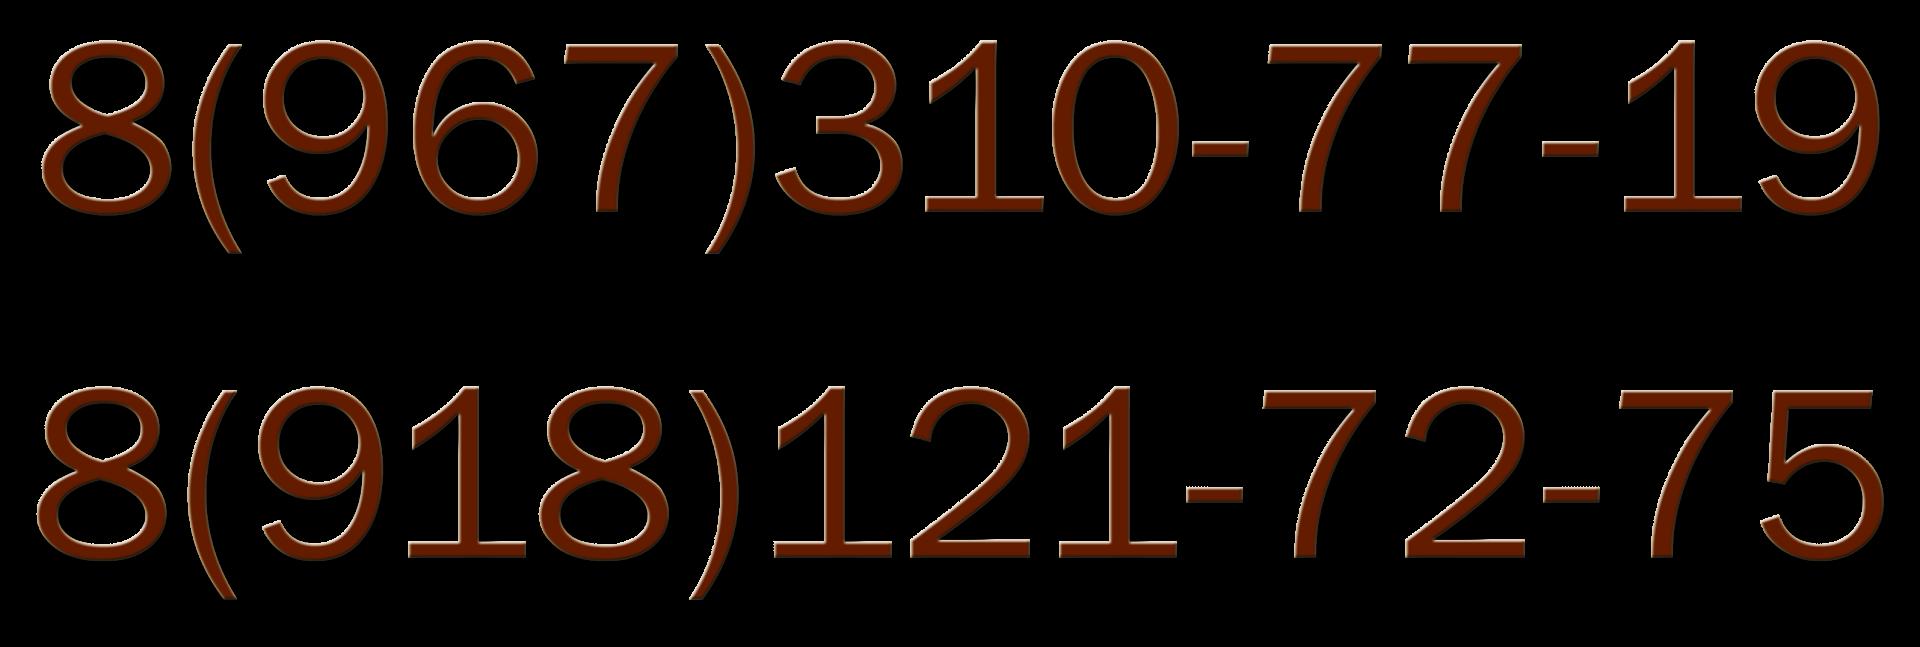 Теплоизоляция домов и нежилых строений и зданий с помощью ППУ в Анапе, Абинске, Геленджике, Краснодаре, Новороссийске, Усть-Лабинске, Армавире, Курганинске